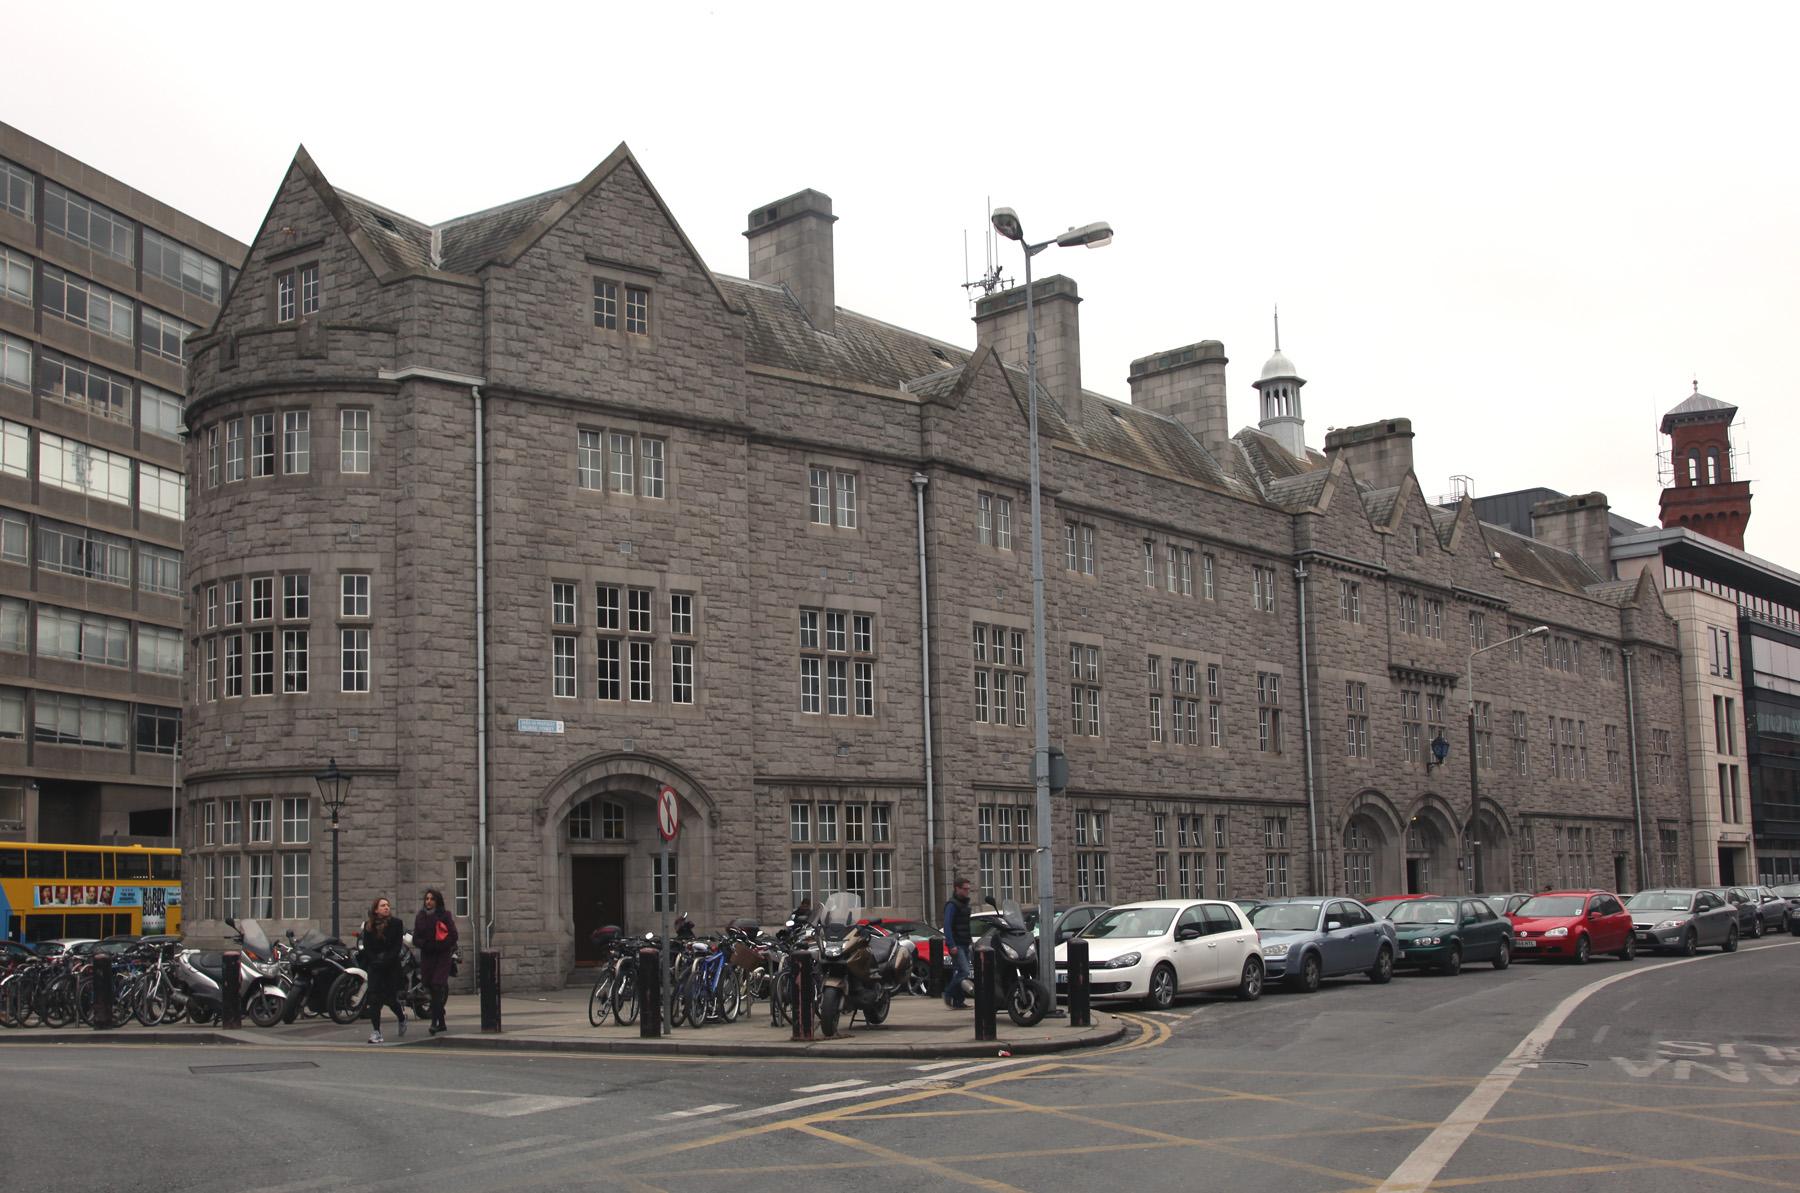 The Building Originally Had